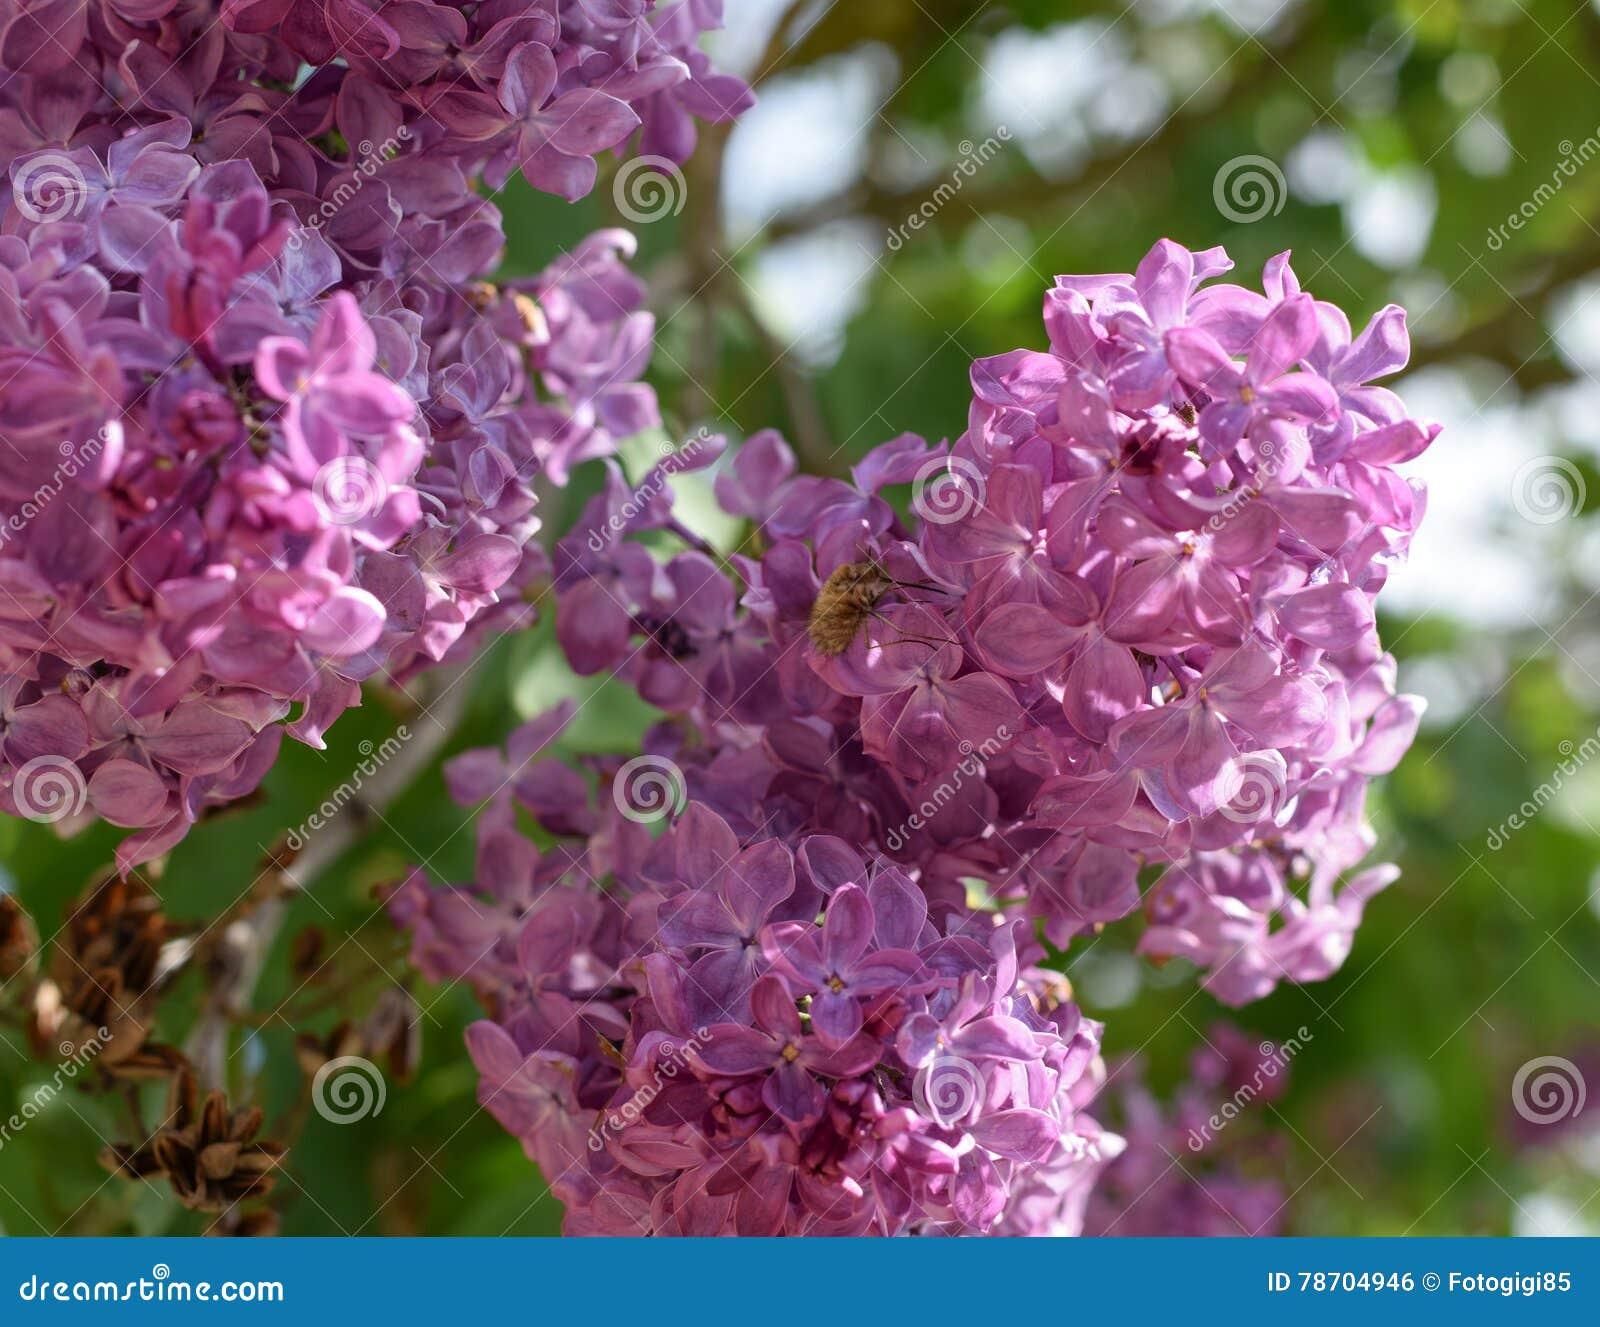 Abeille et guêpe sur le lilas Mouche hirsute sur des couleurs lilas insecte pollinisateur